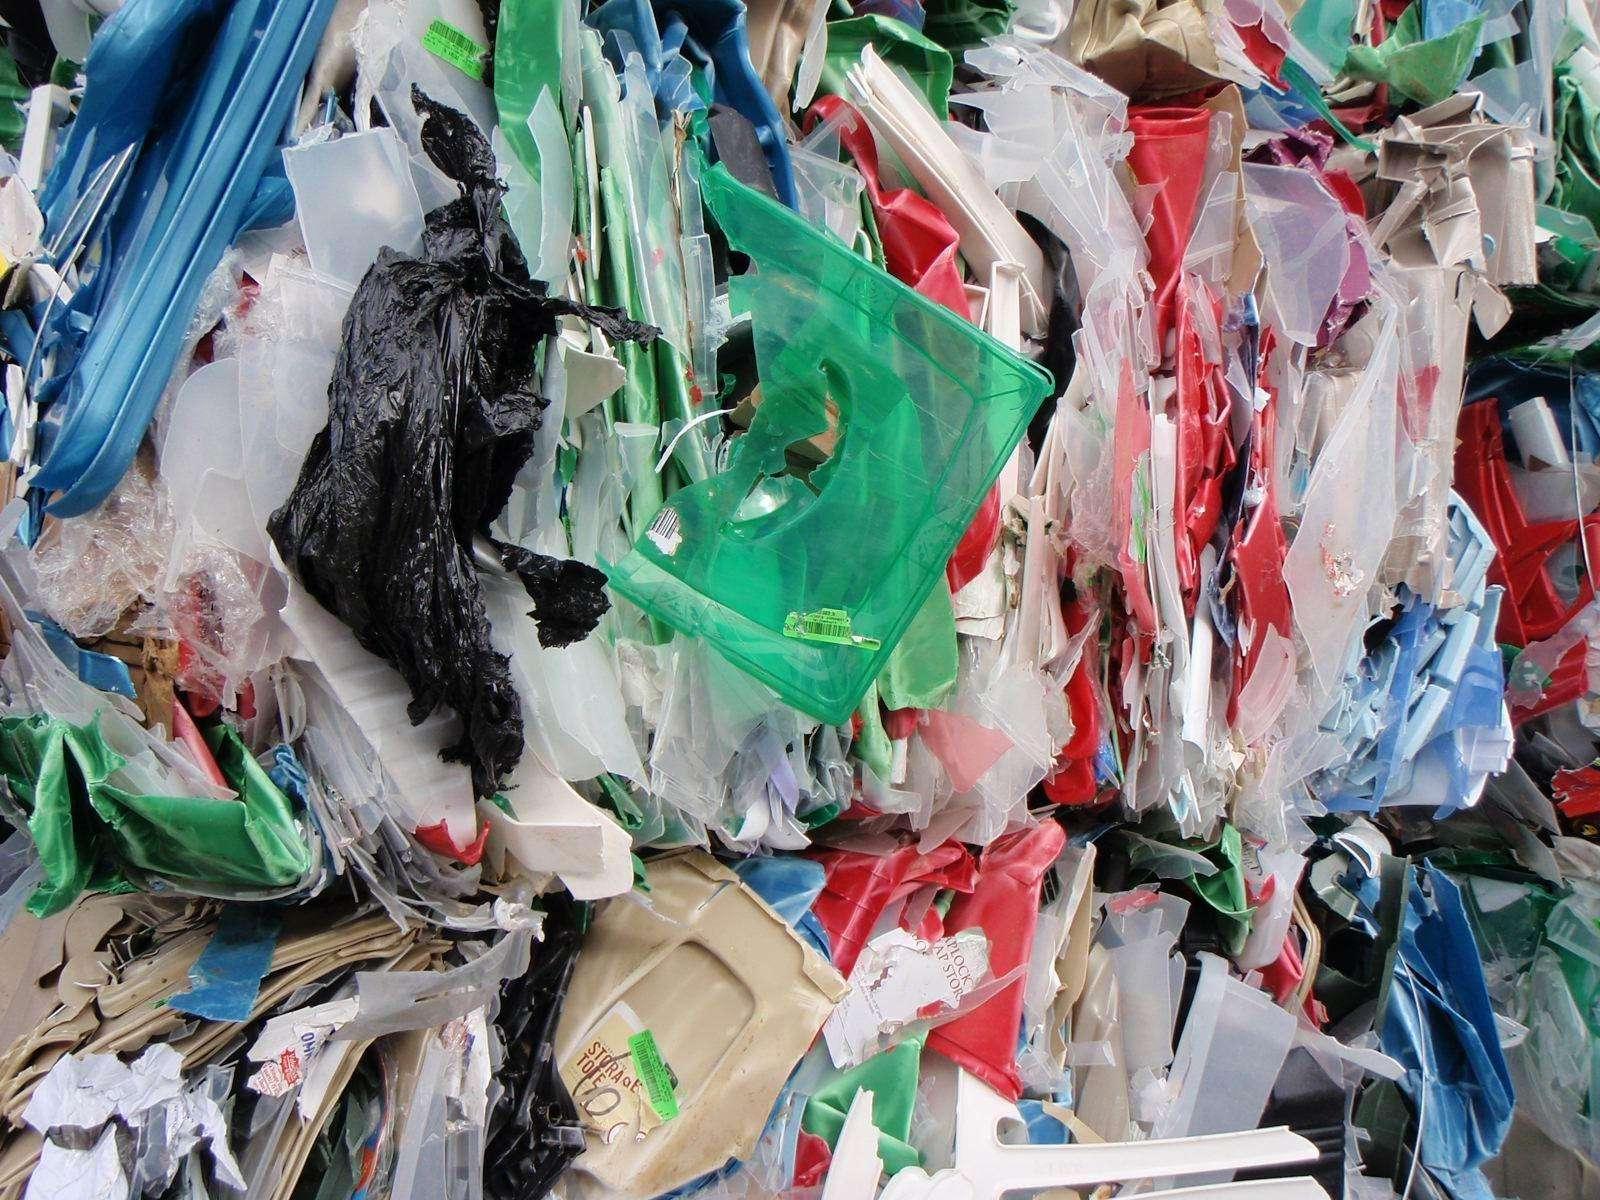 深圳市光明新区塑料废品回收多少钱一斤,回收PVC